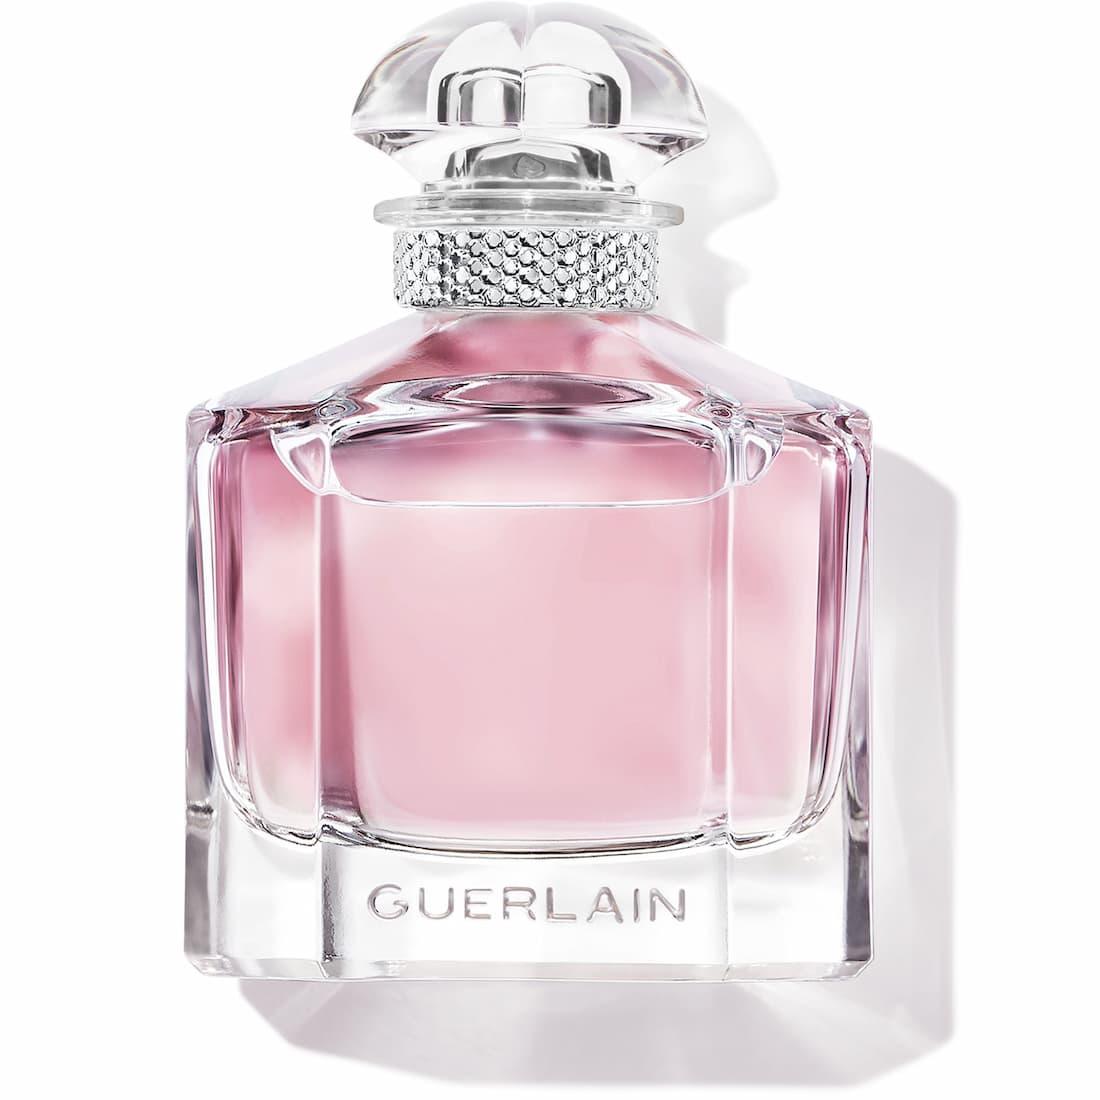 Mon Guerlain Sparkling Bouquet Eau de Parfum - GUERLAIN